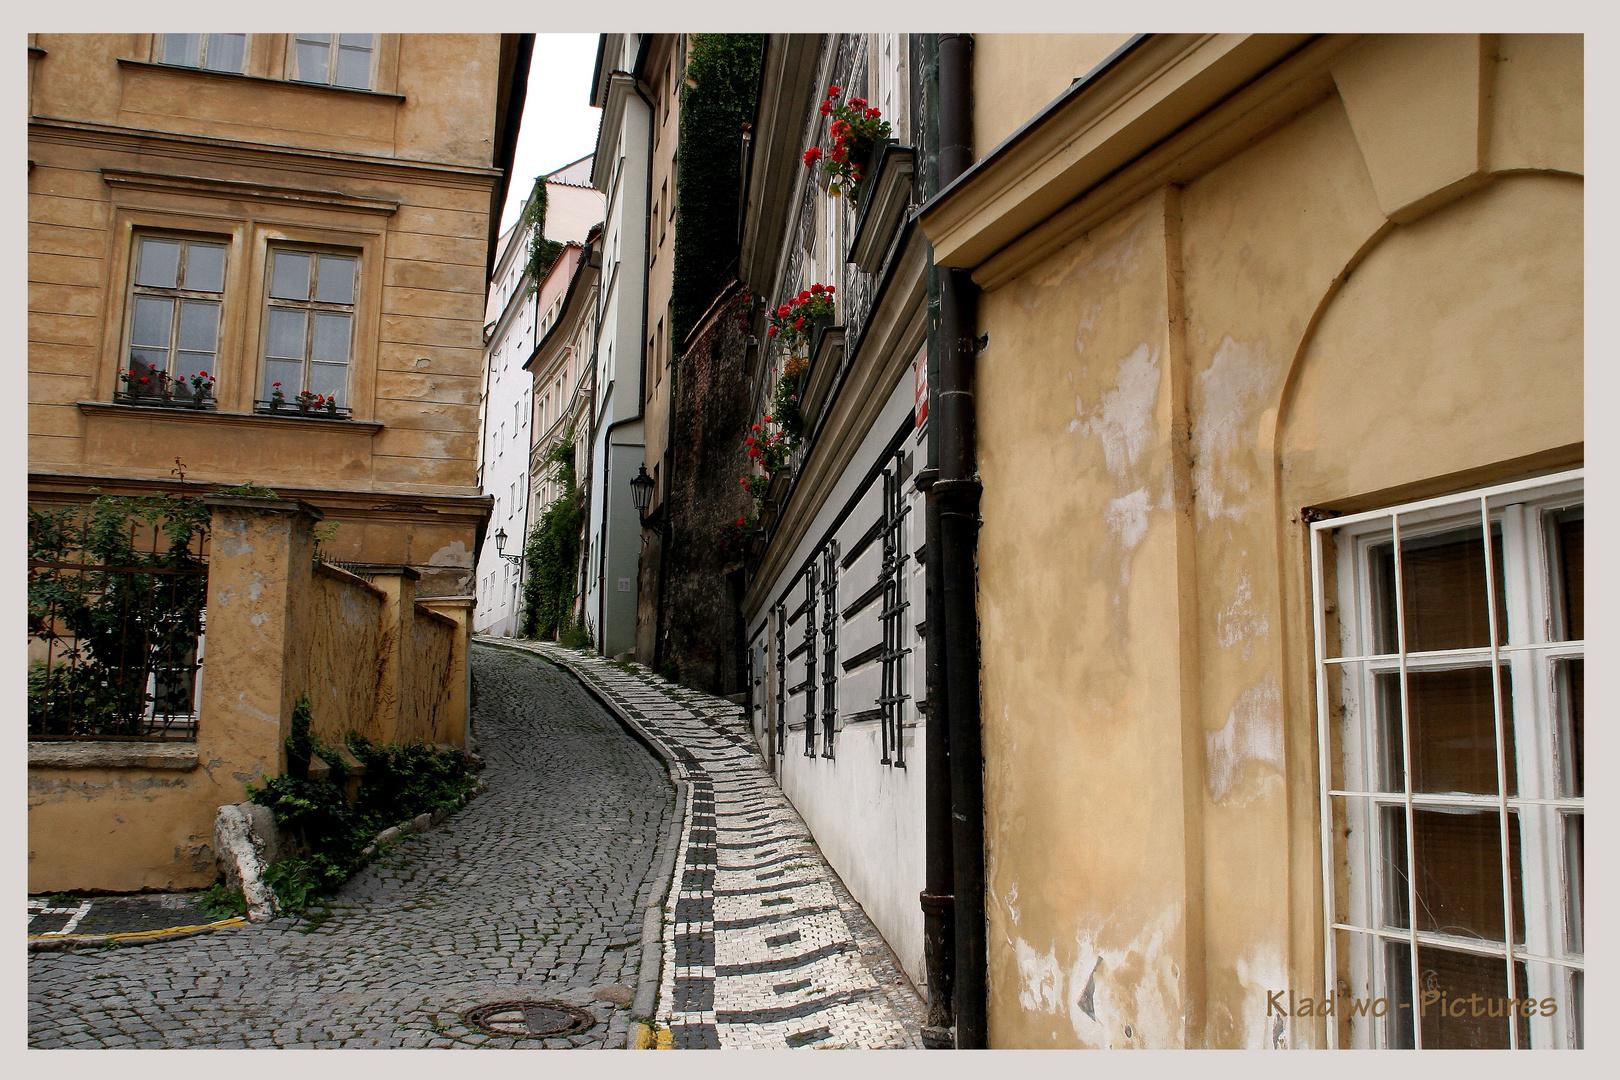 Prag 07 - Gasse -